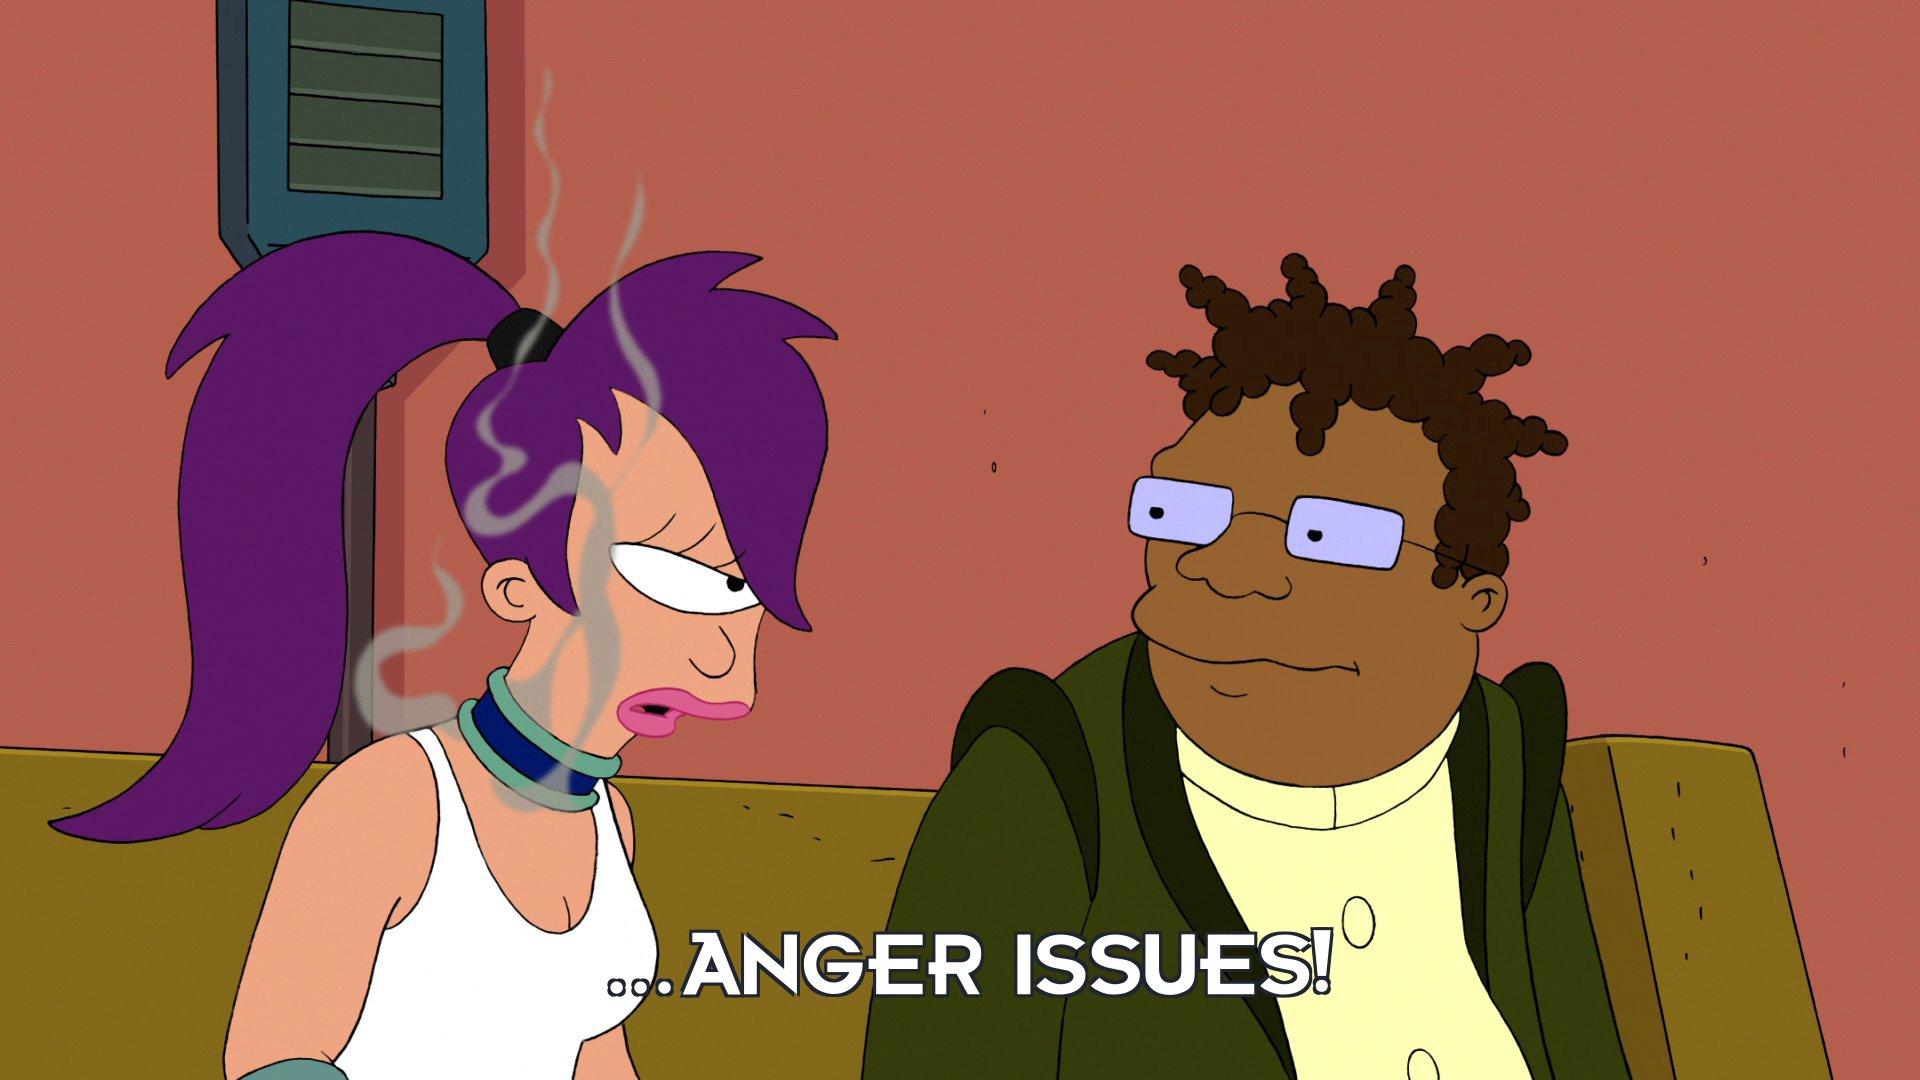 Turanga Leela: ...anger issues!